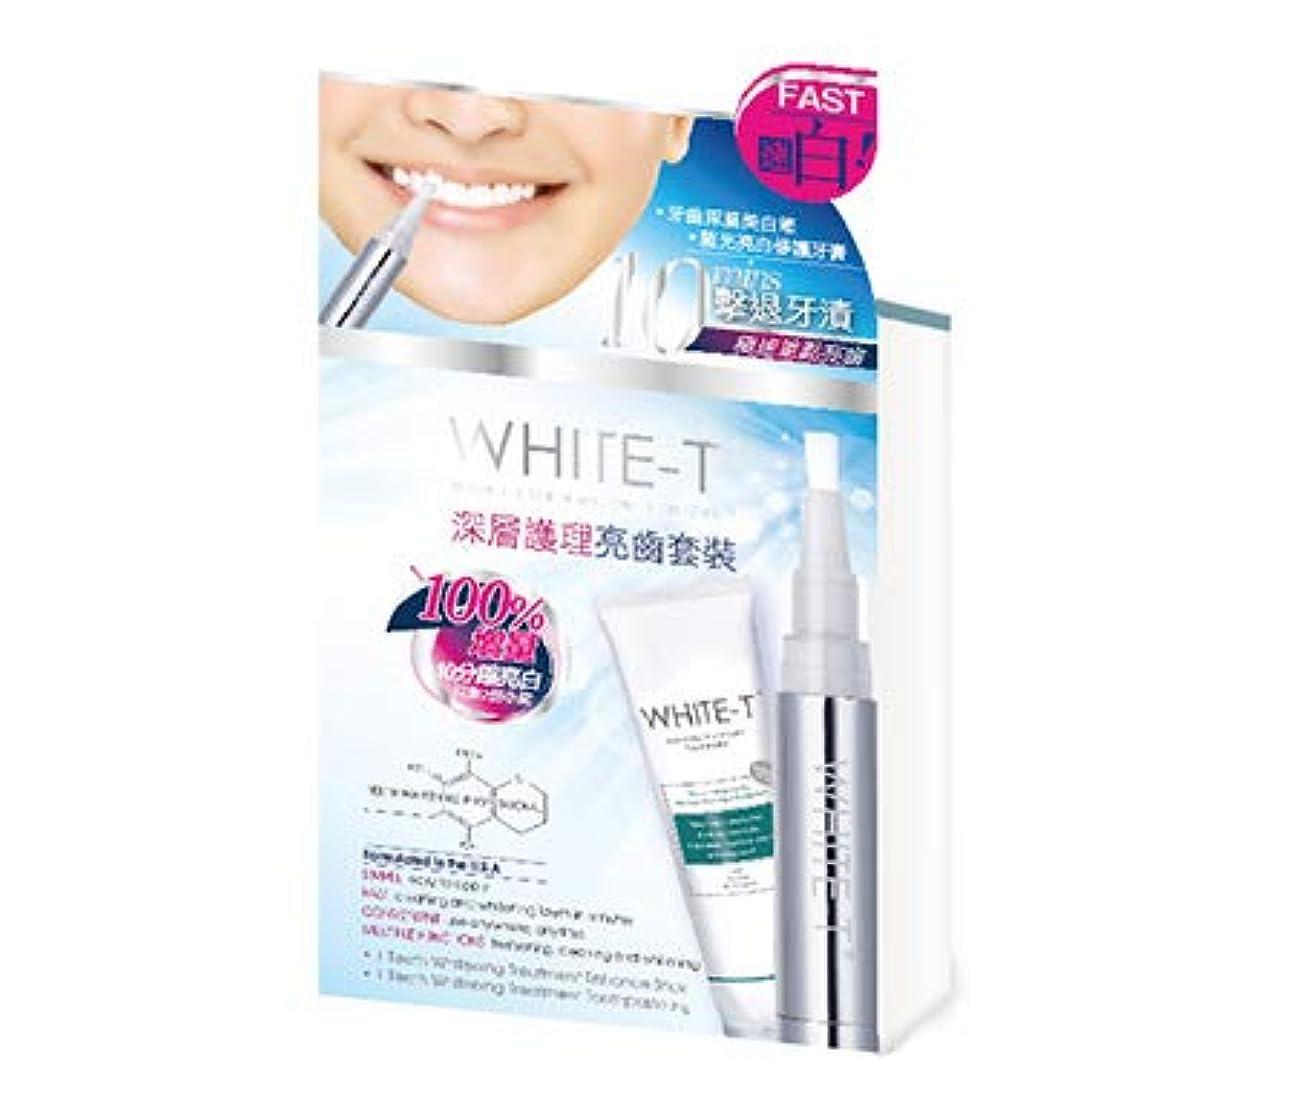 スライムパスクローゼットWHITE-T ホワイトニング ペンタイプ(4ml) +ホワイトニング歯磨き粉(30g) 並行輸入品